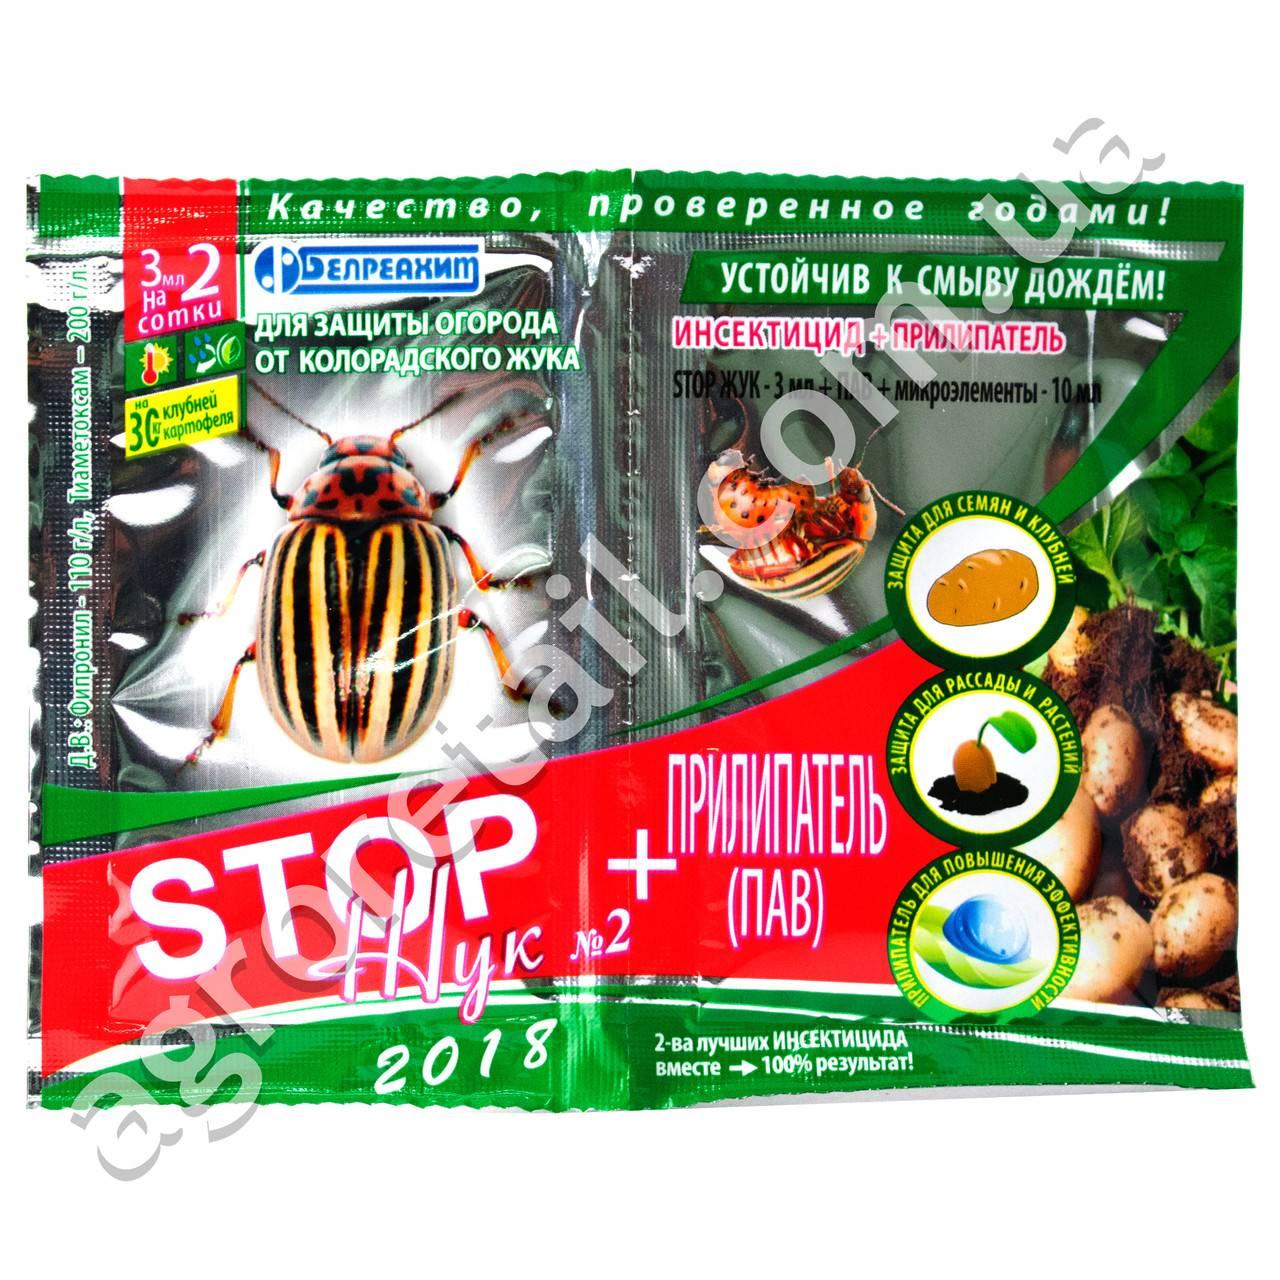 Препарат жукоед от колорадского жука: инструкция по применению, отзывы